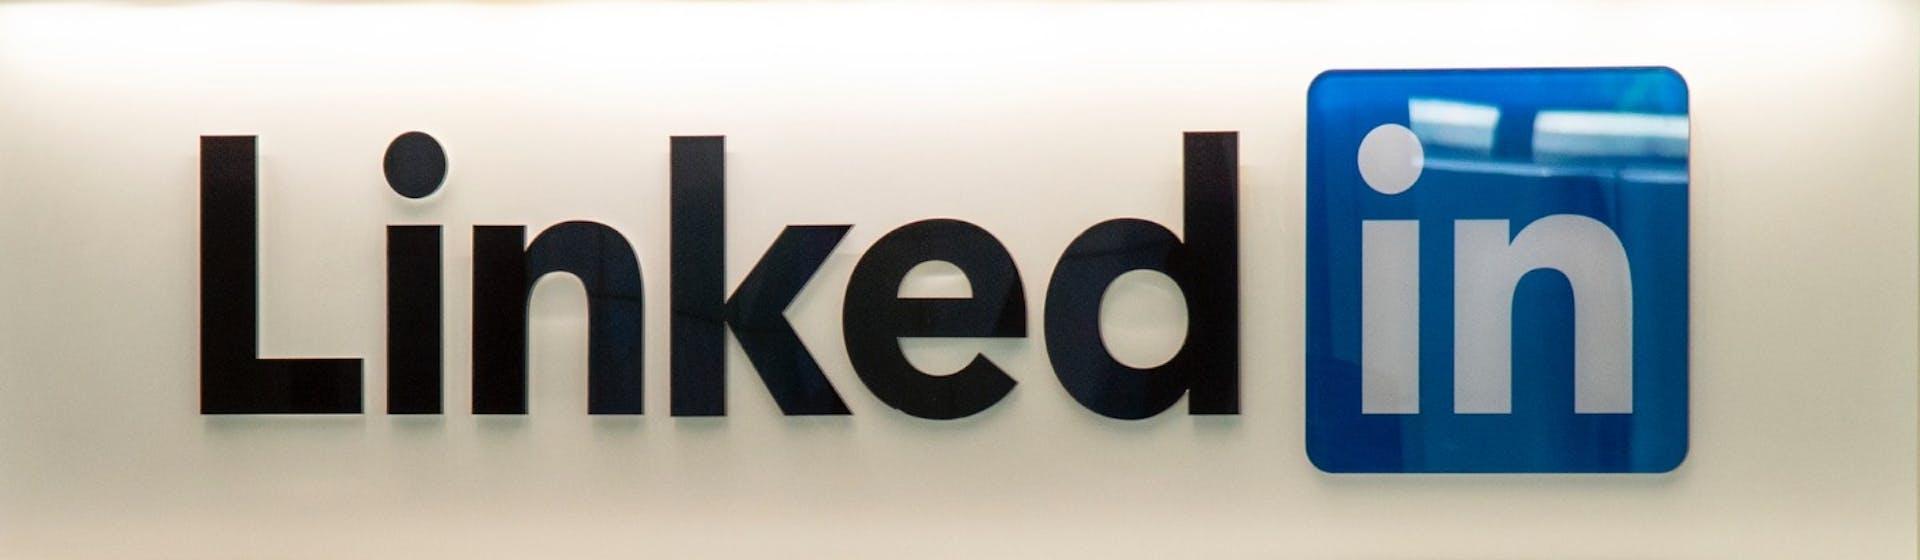 Los mejores perfiles de LinkedIn: cómo llamar la atención de tu próximo empleador